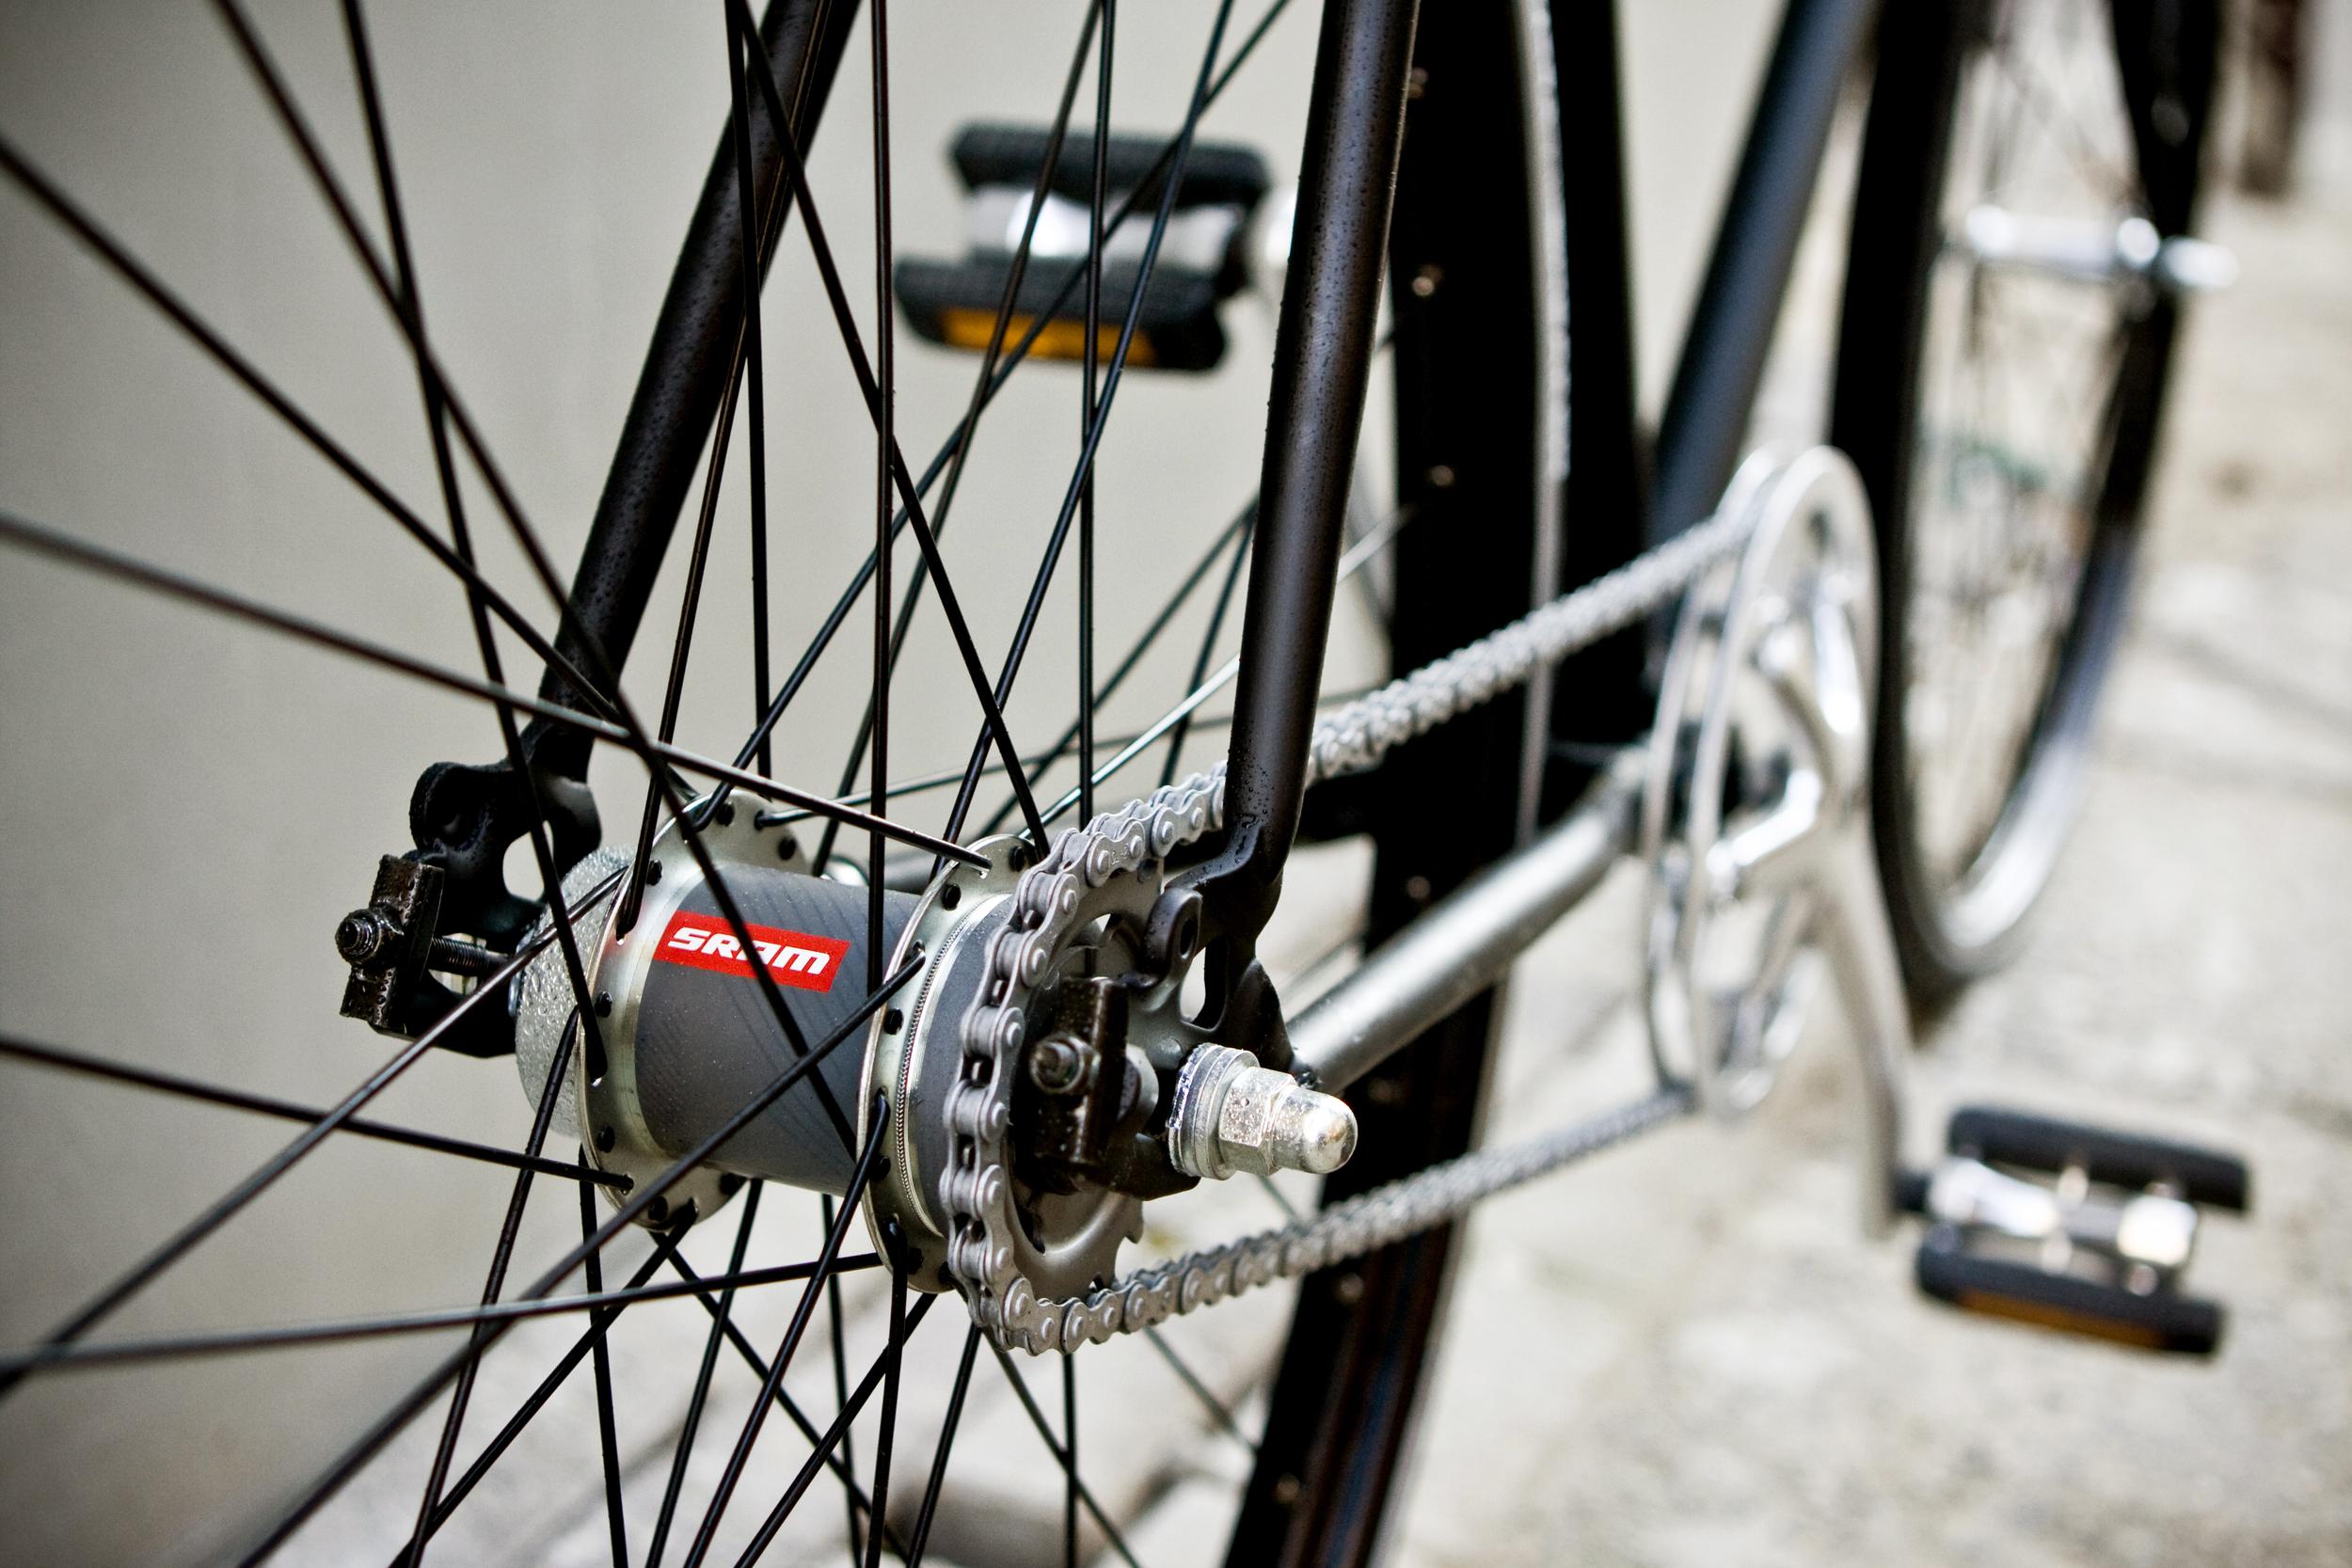 Waarmakers x Azor Bike - Schokland 4.jpg